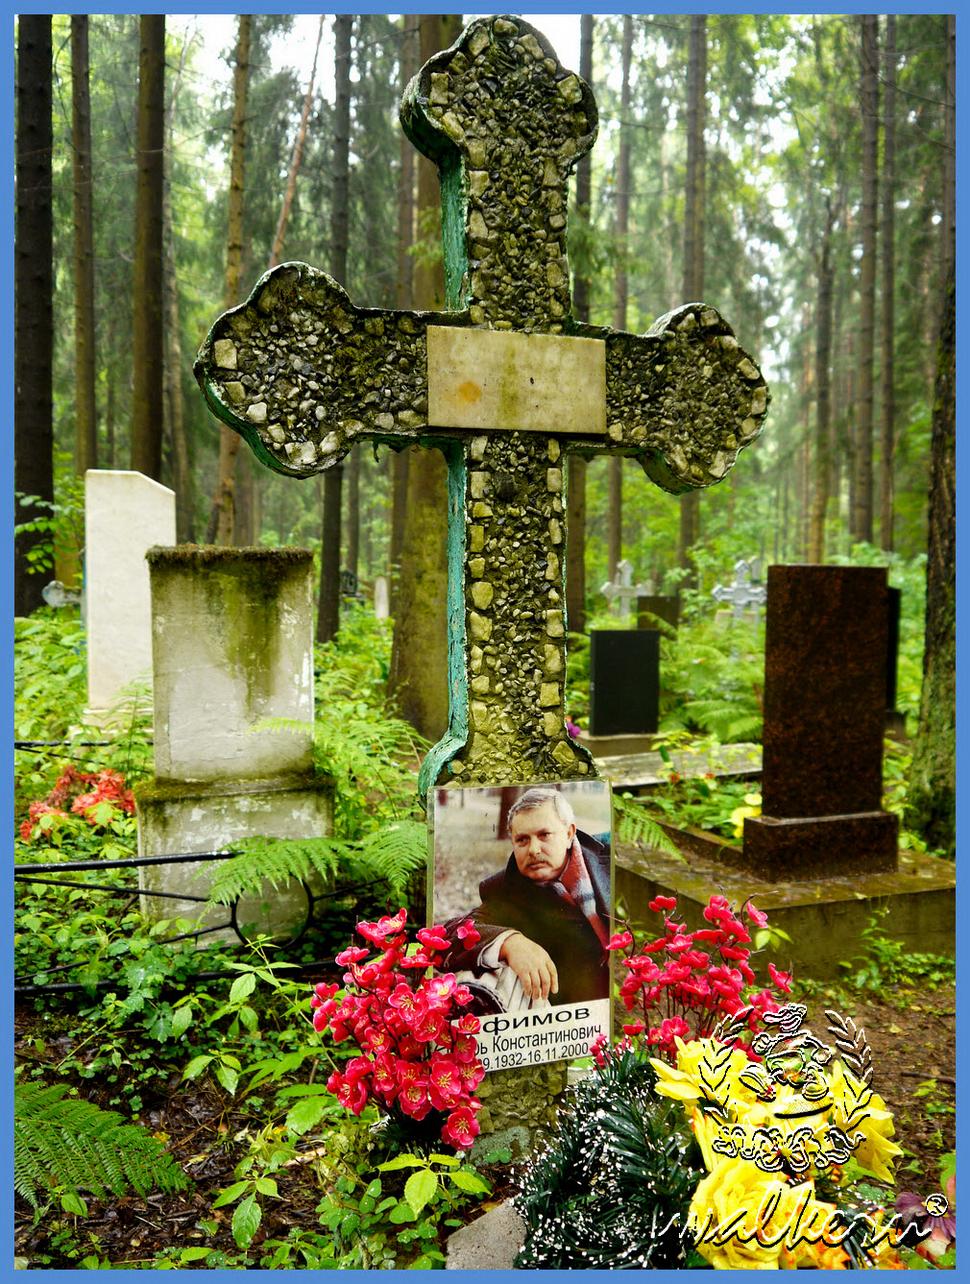 Могила Ефимова И.К. на Северном кладбище